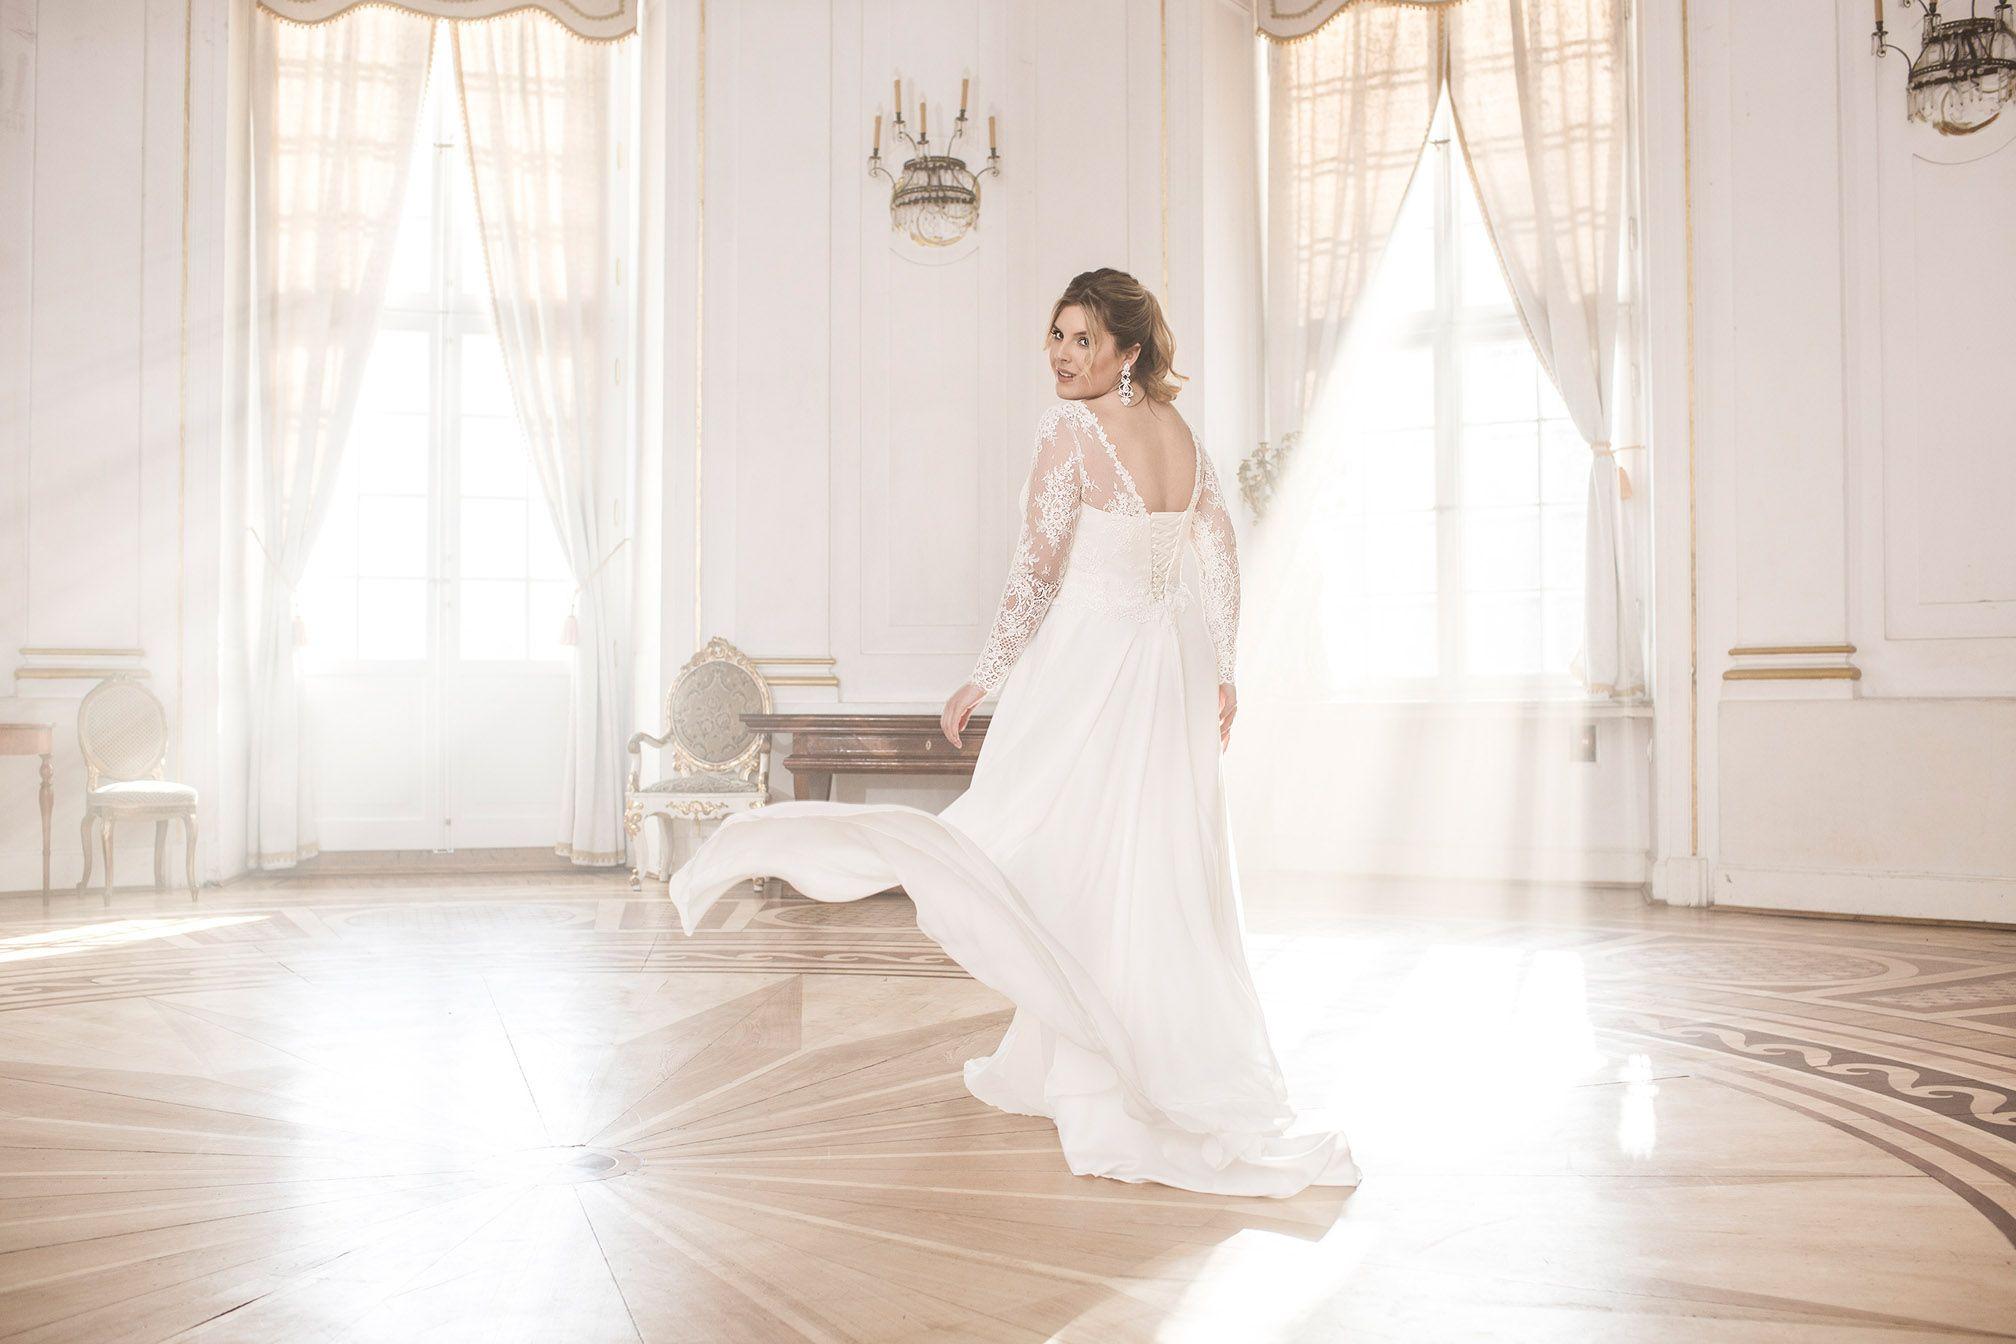 Wunderschöne Brautkleider für cury brides bietet die Lovely